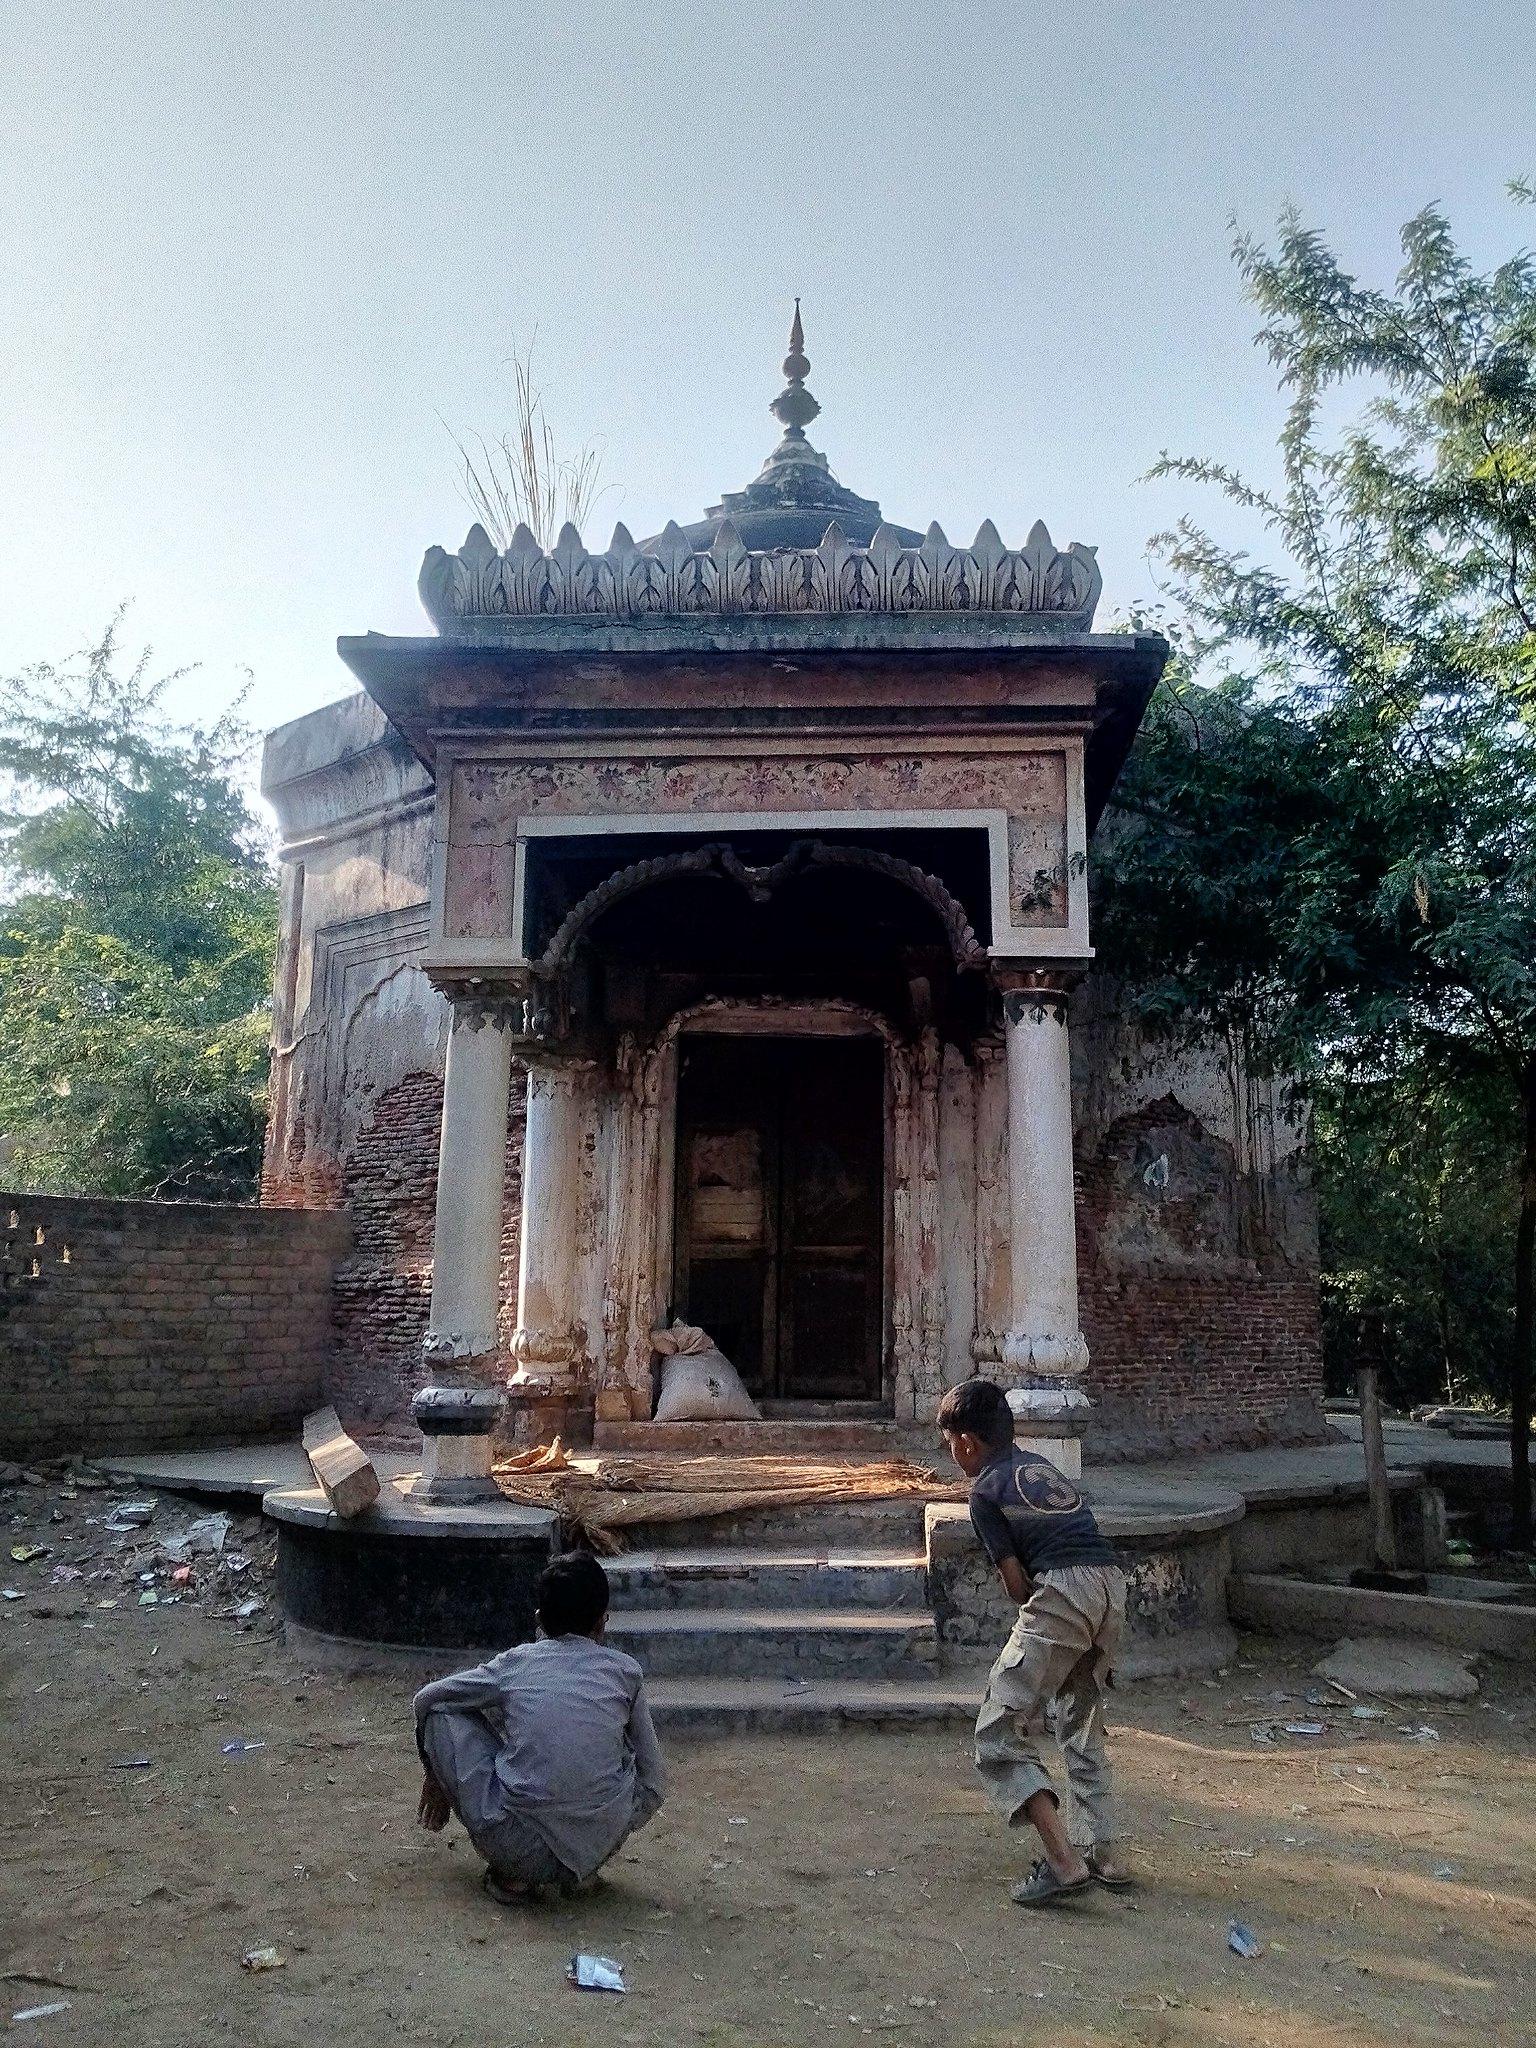 Nagianwala Mandir